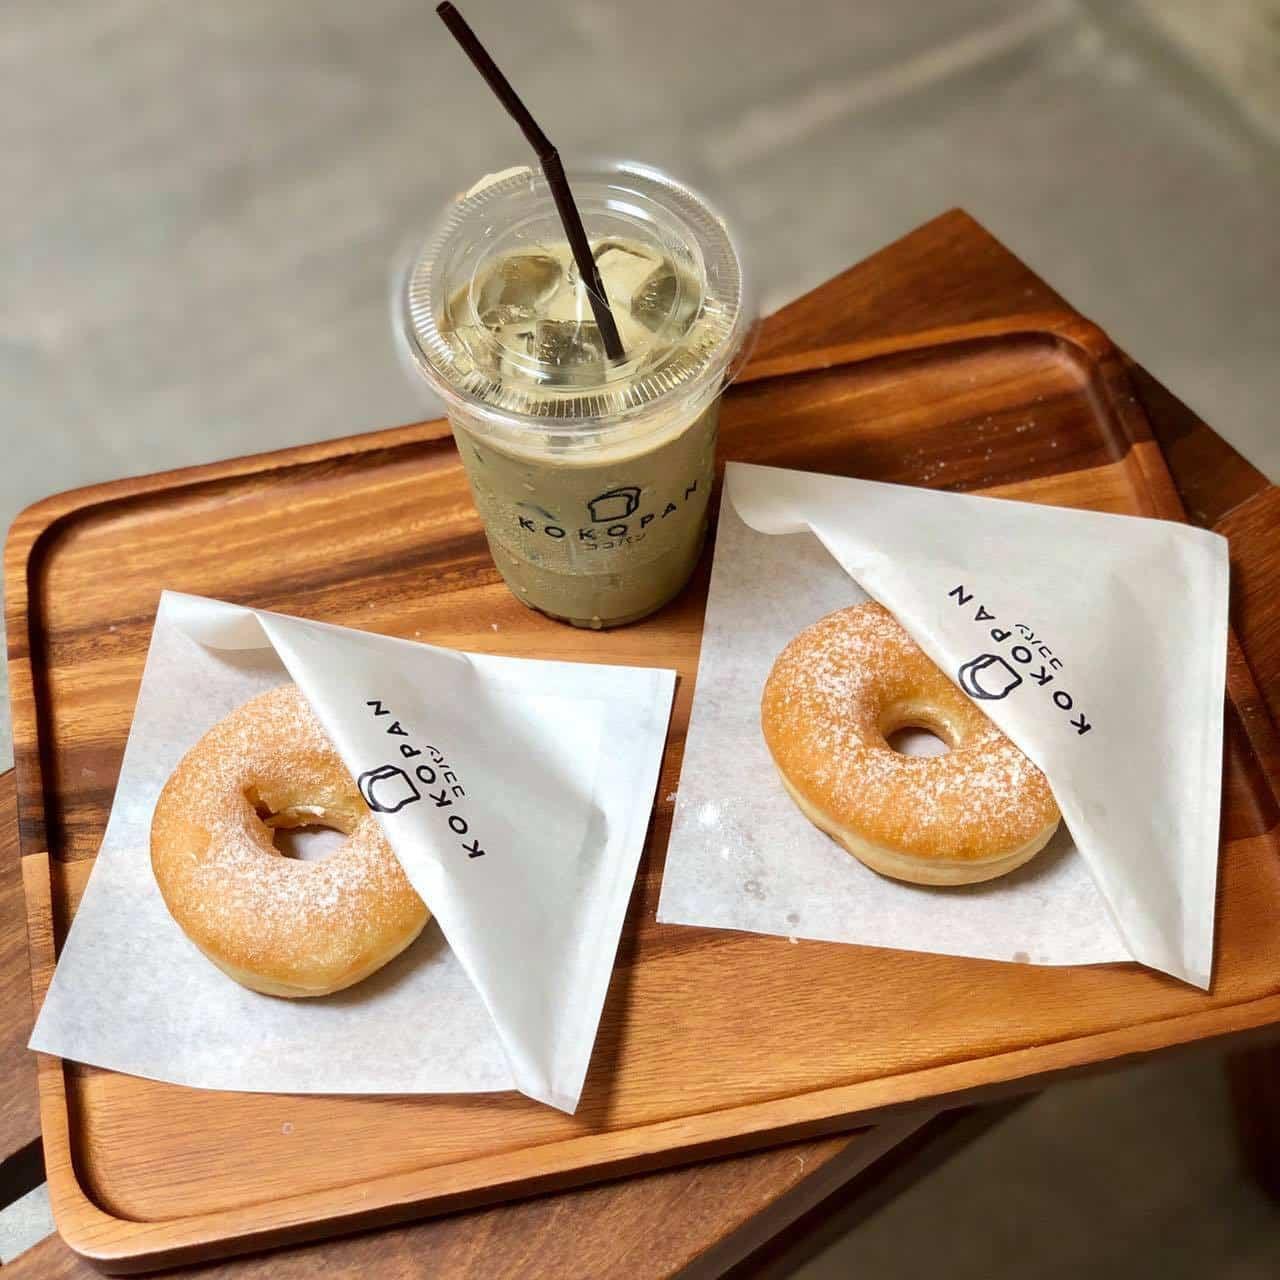 donut 10 - แนะนำ 7 ร้านโดนัทแสนอร่อย แป้งนุ่ม หน้าล้น ที่ไม่ควรพลาด